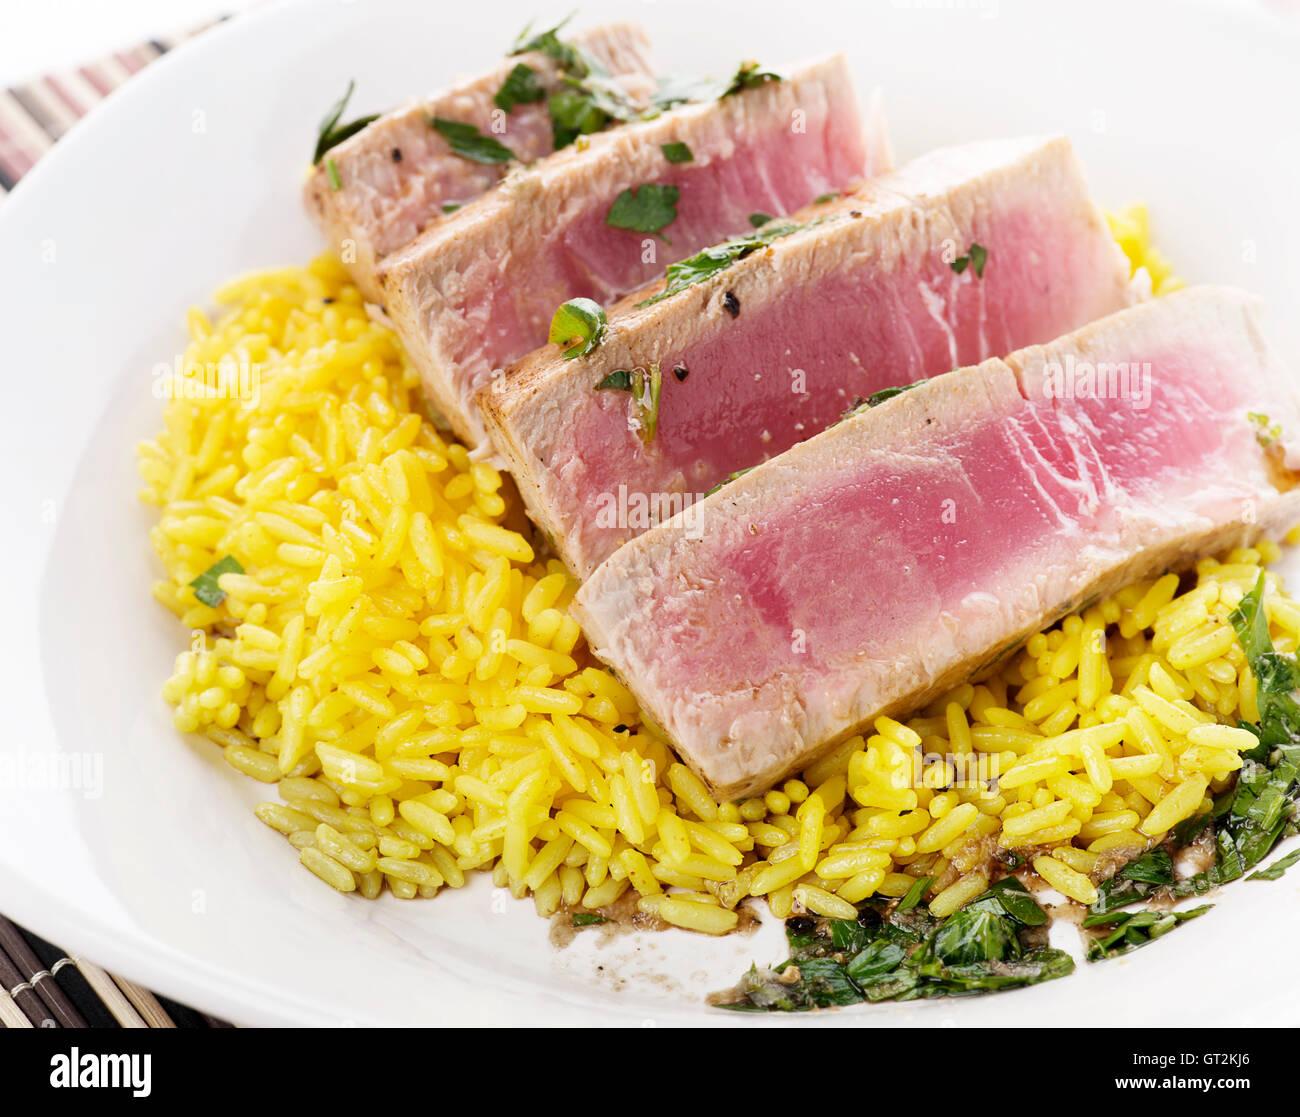 Steak de thon ahi avec riz et sauce aux herbes Photo Stock